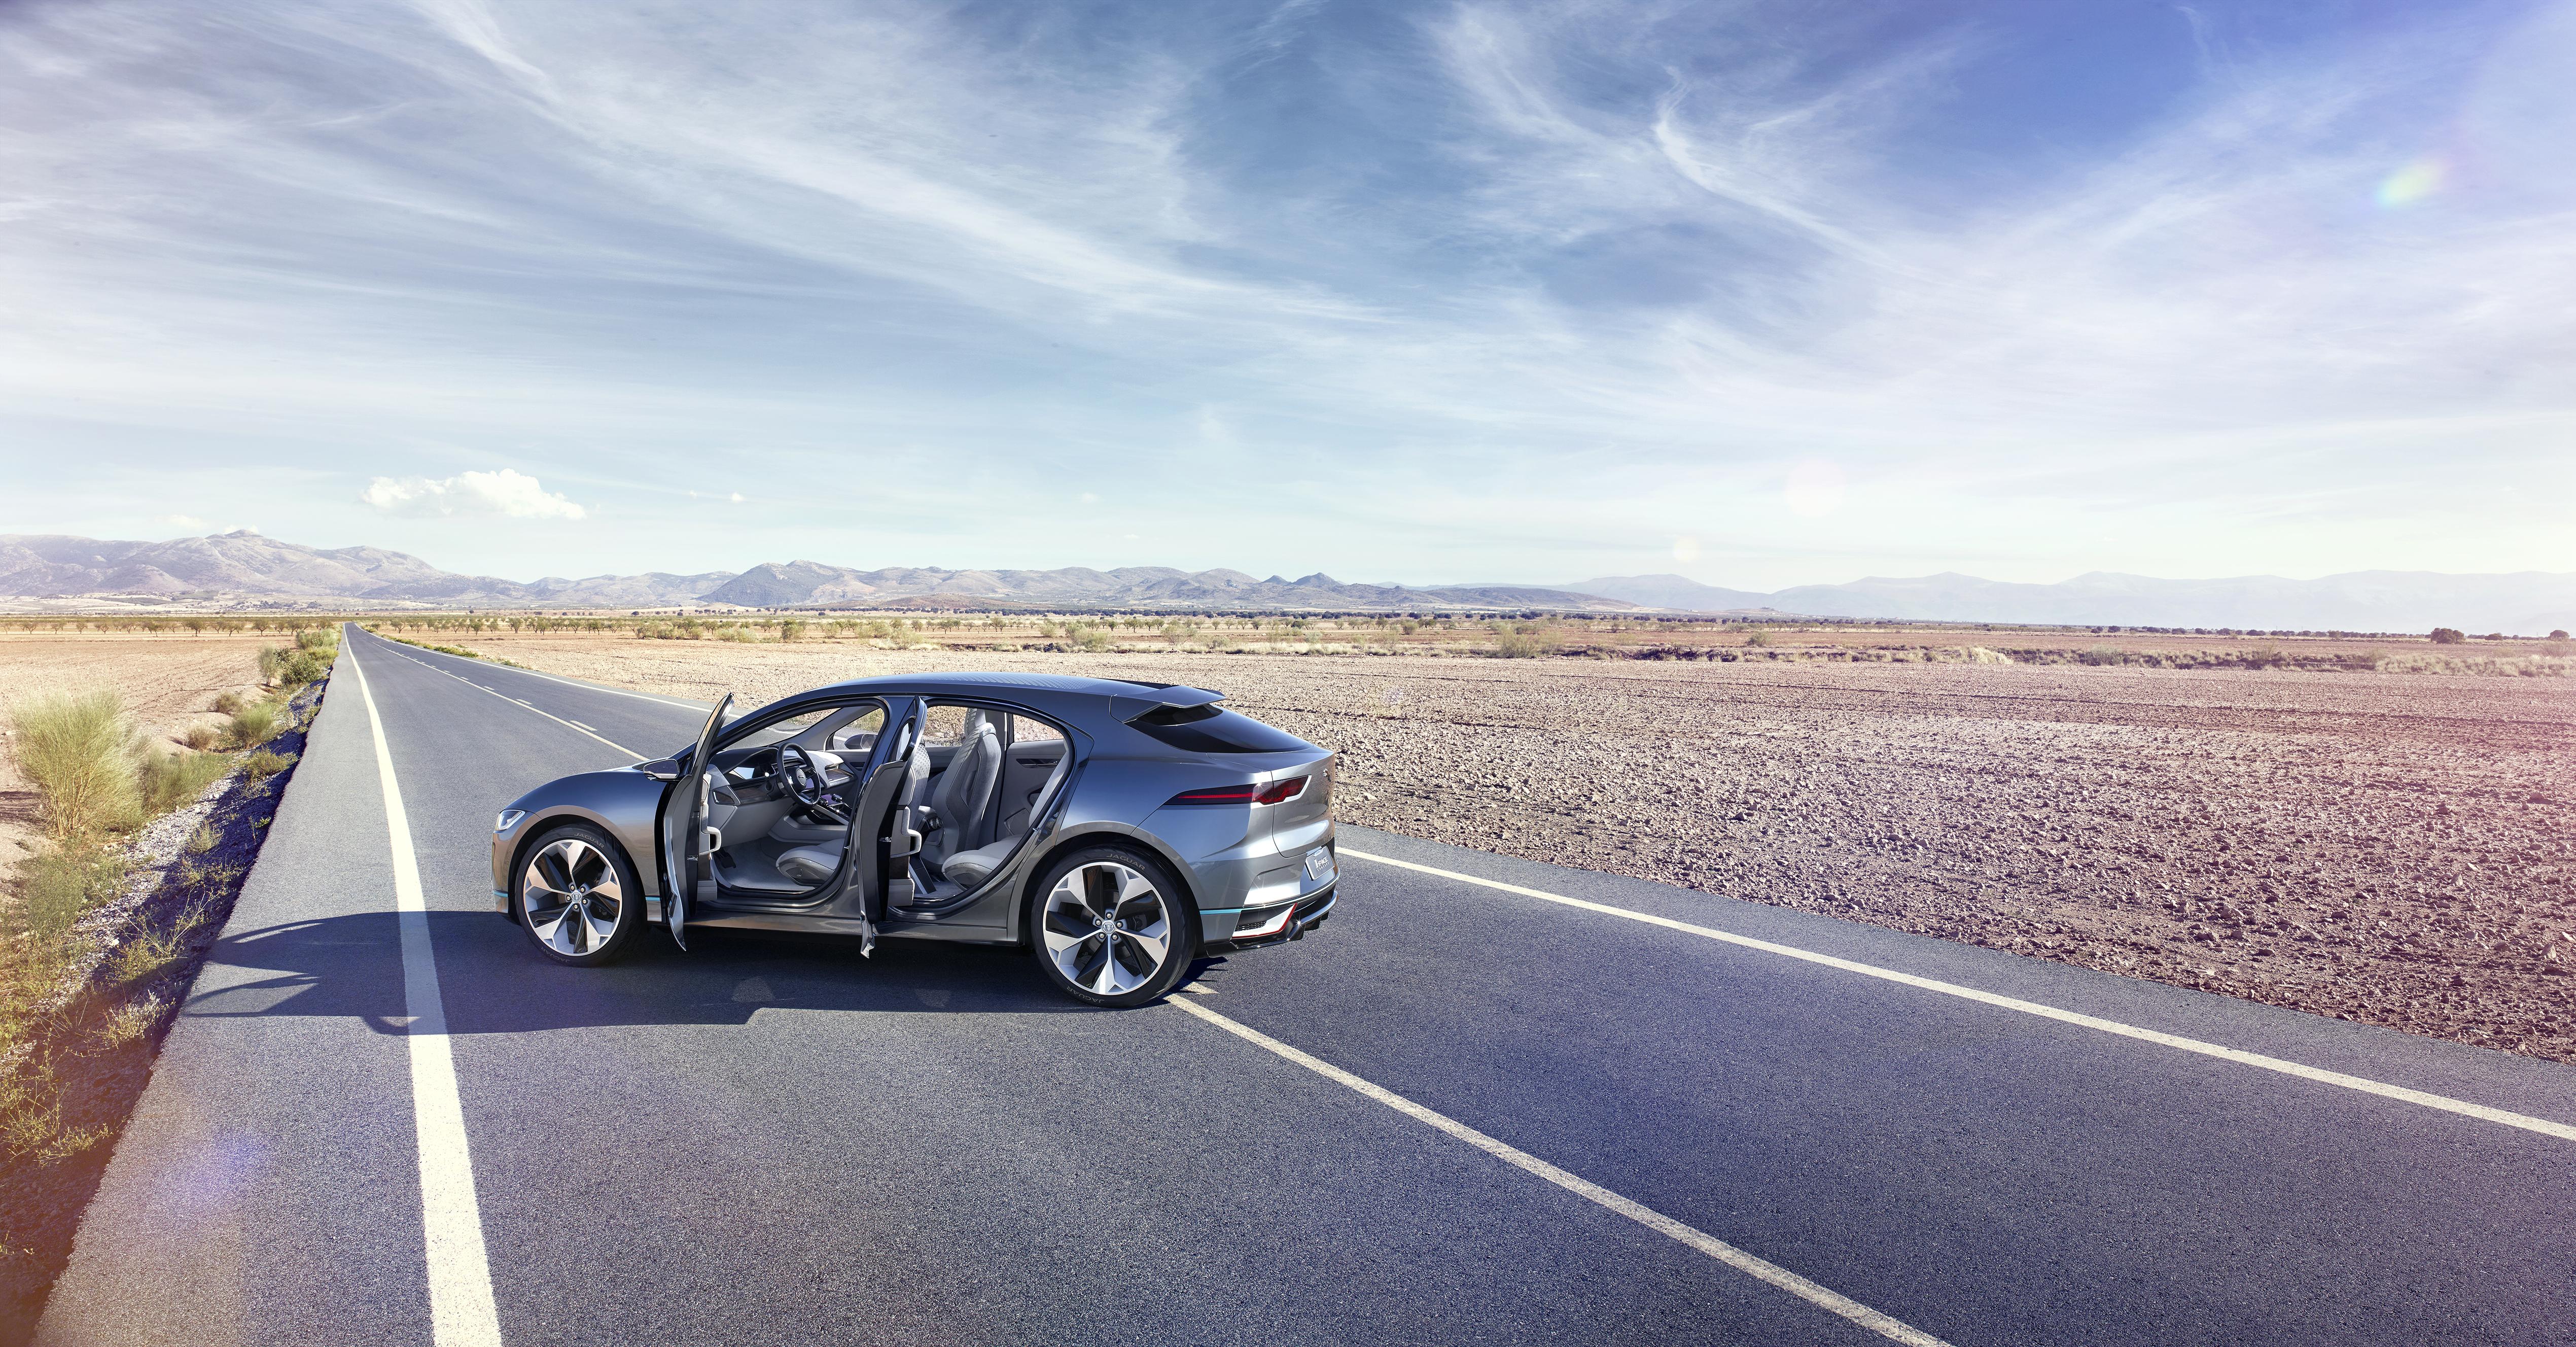 The new Jaguar I-Pace concept